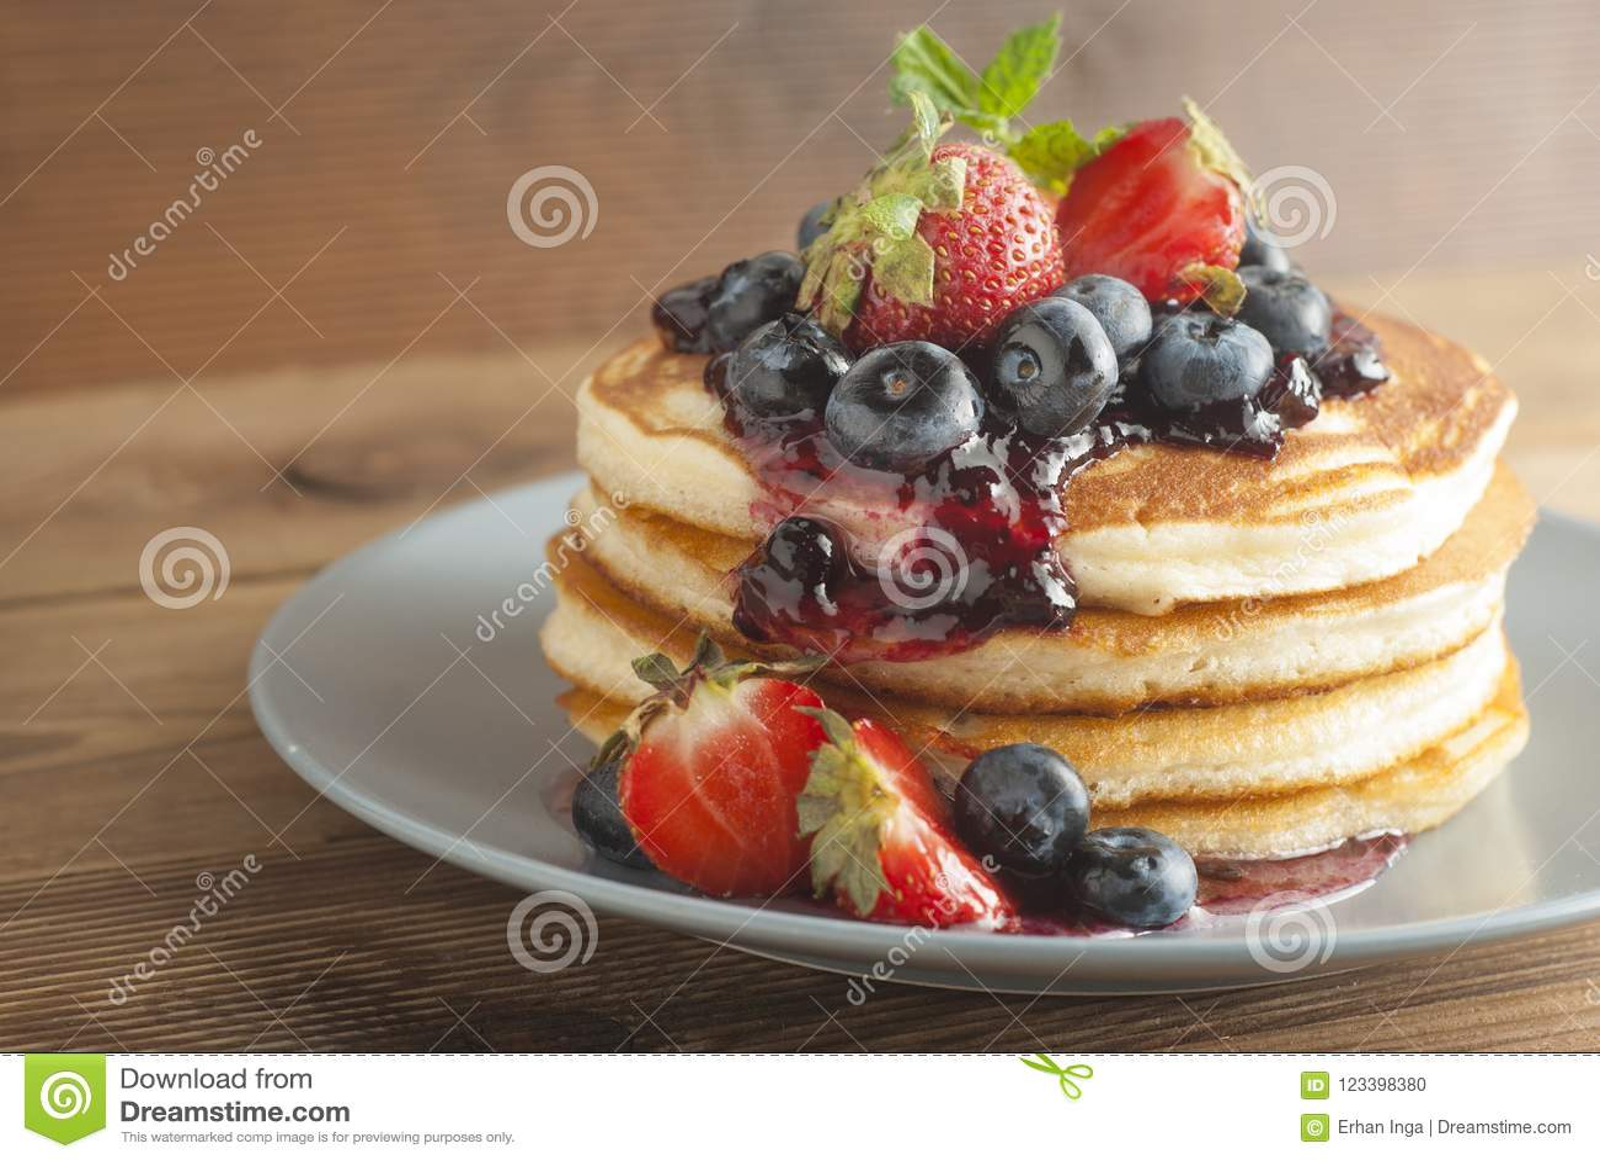 Американские блинчики или оладь оладьи служили с вареньем клубники и голубики, очень вкусным десертом для завтрака, деревенского